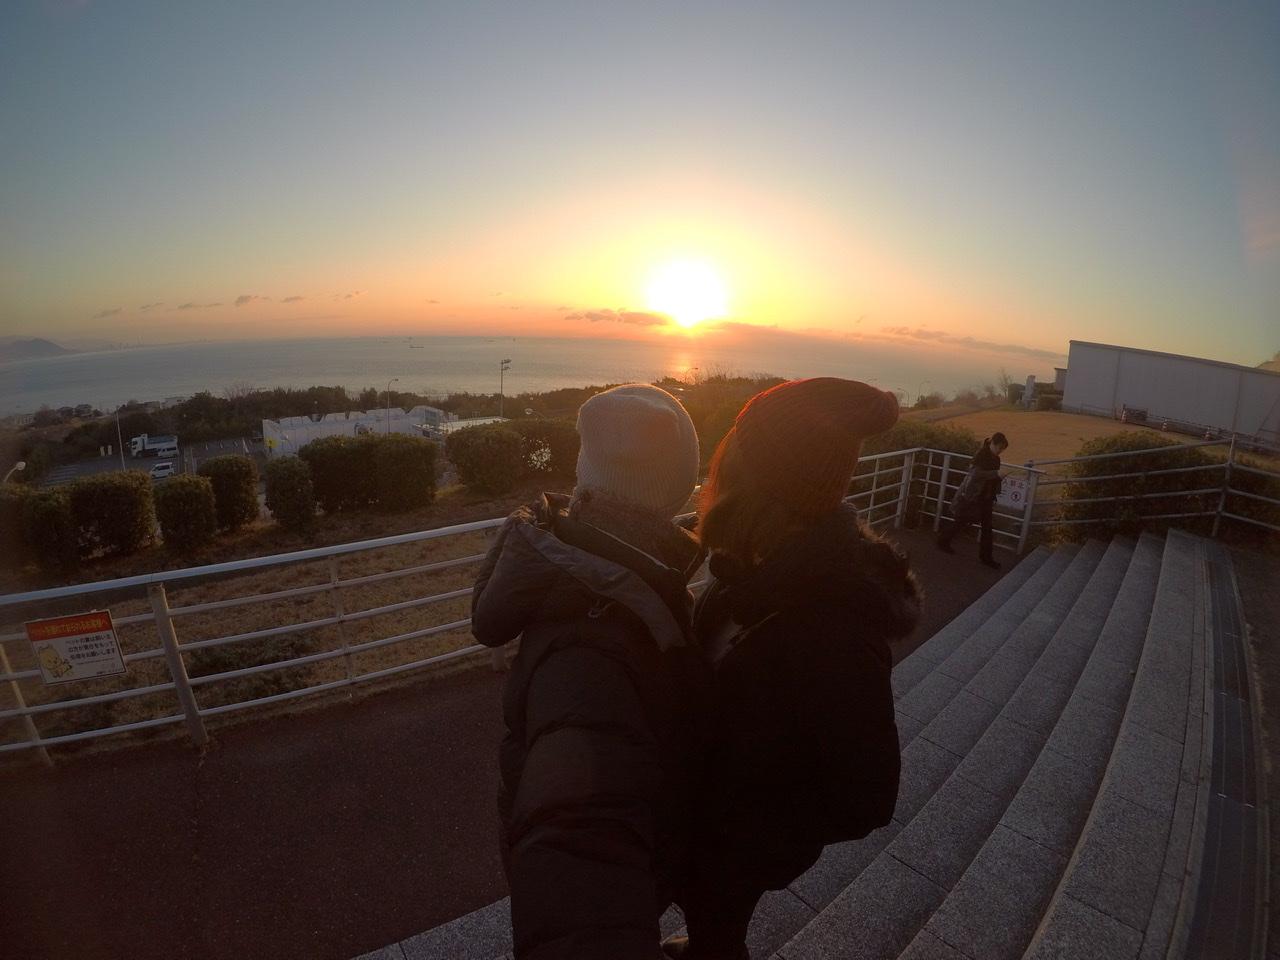 淡路島一周の時に見た朝日は格別でした